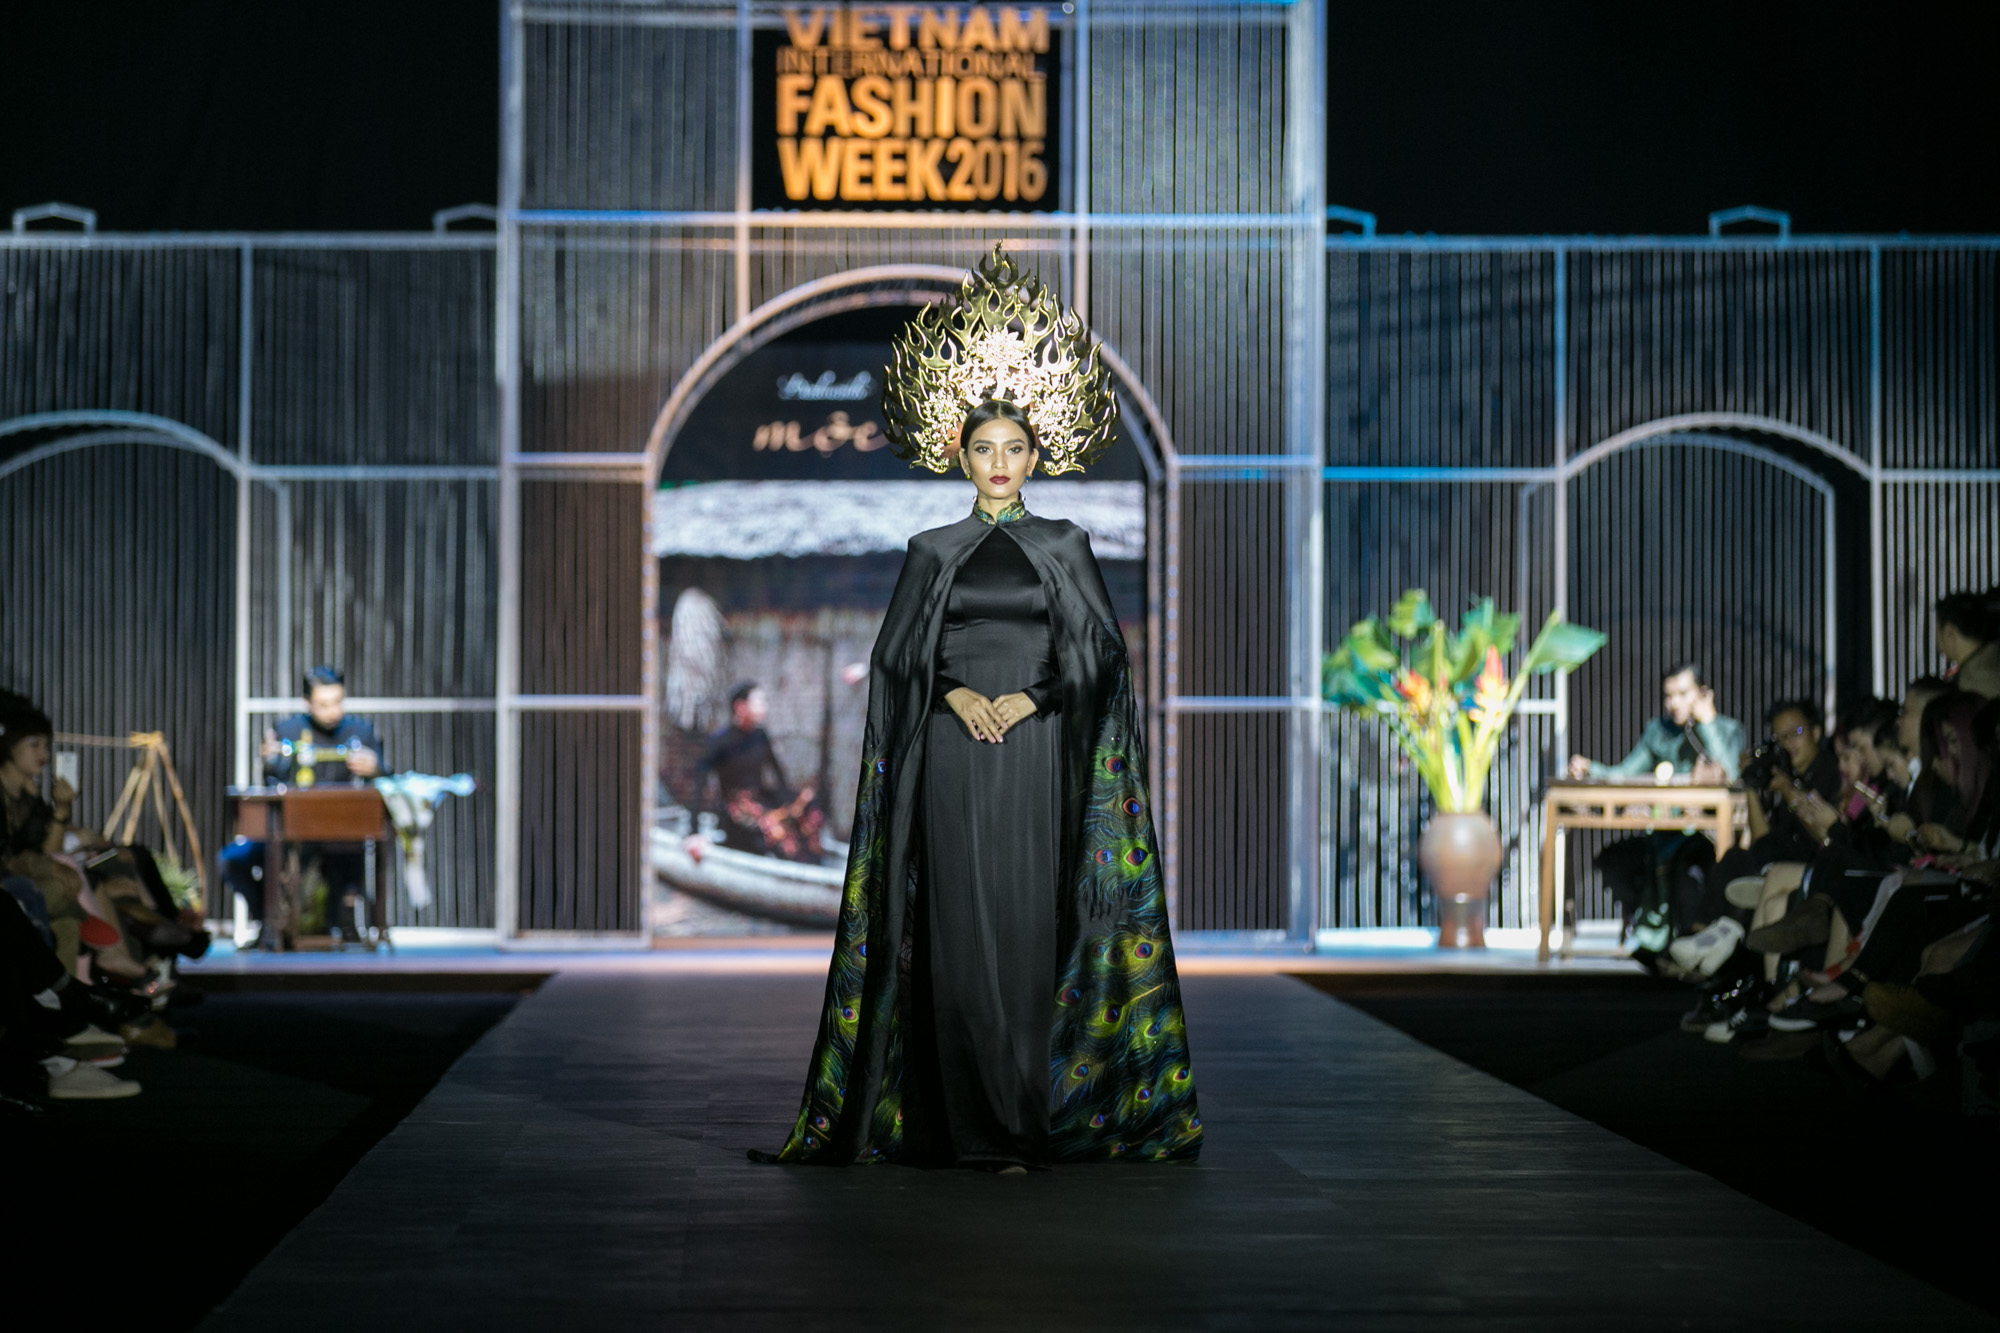 Chi Pu kiêu kì dắt cún trình diễn thời trang trên sàn diễn VIFW - Ảnh 82.